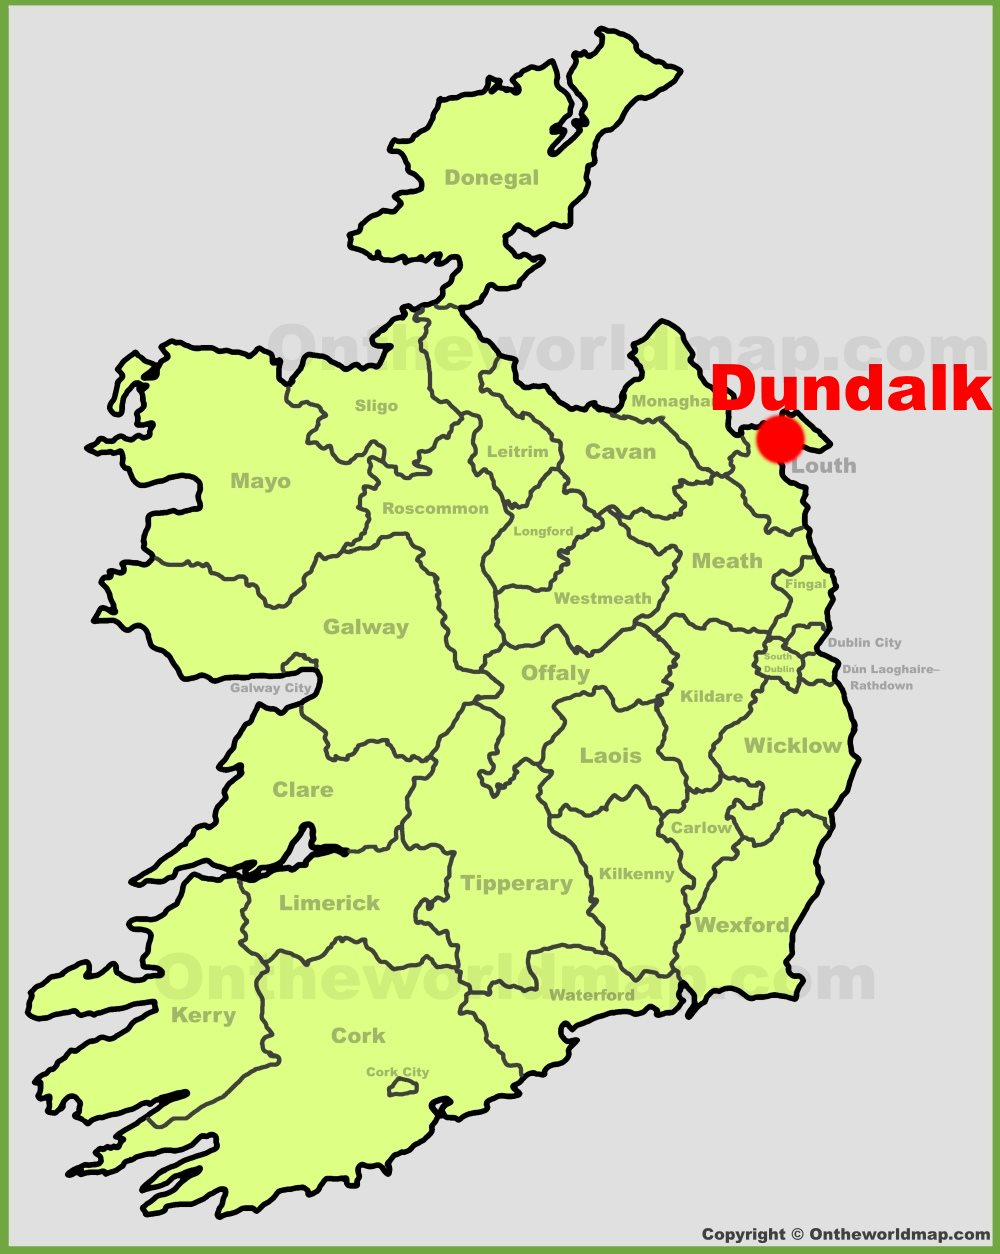 Dundalk Map Of Ireland.Dundalk Location On The Ireland Map